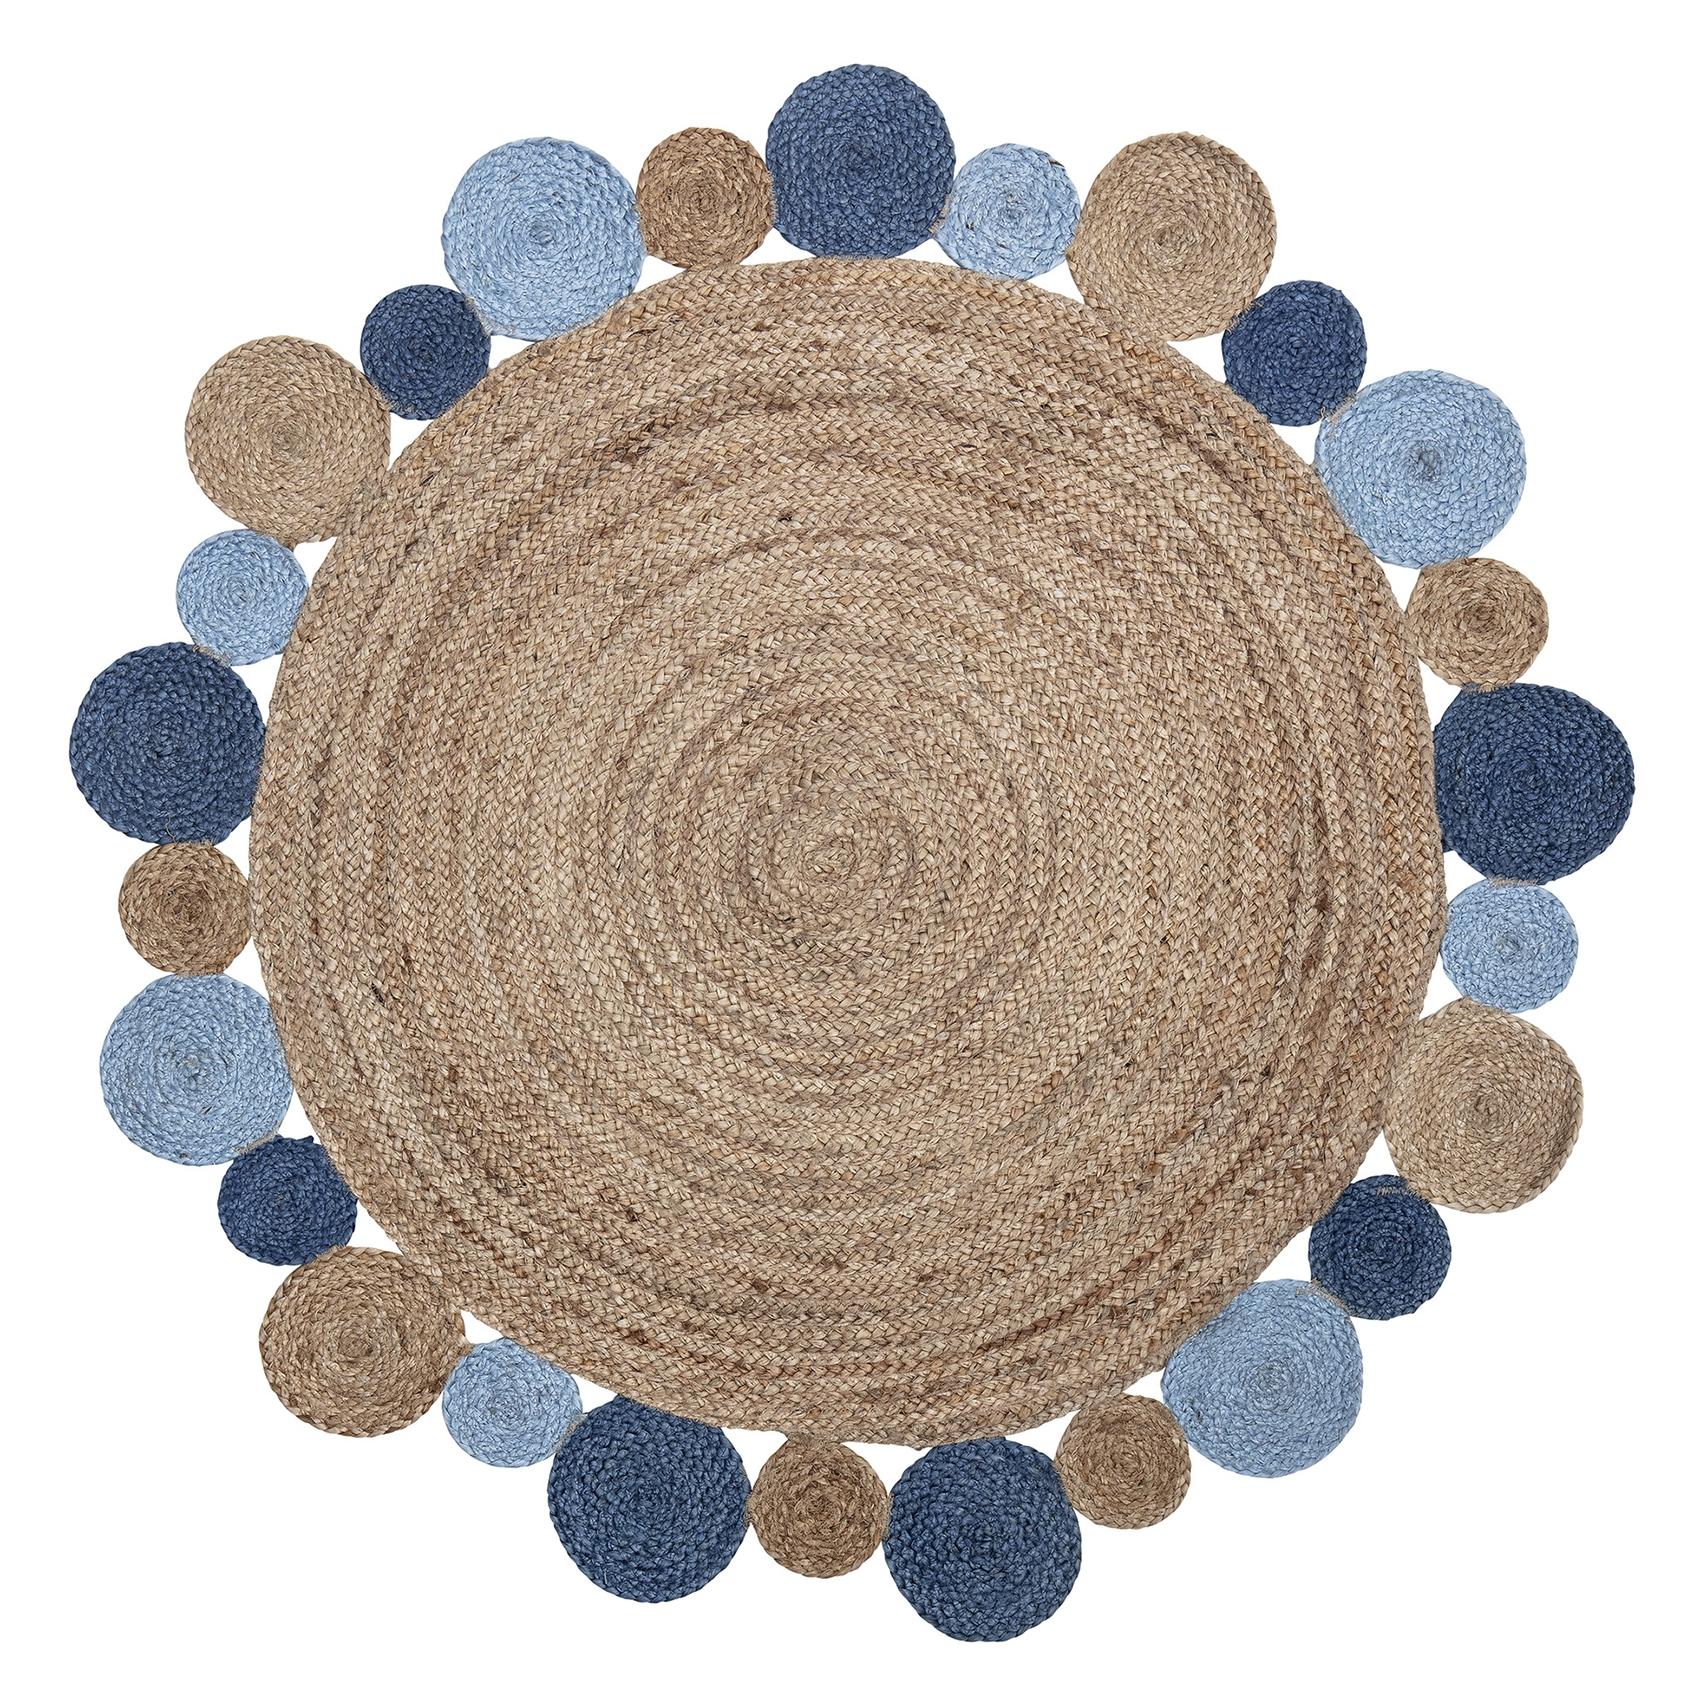 Full Size of Teppiche Kinderzimmer Bloomingville Jute Teppich Rund Natur Blau 120cm Regale Regal Weiß Wohnzimmer Sofa Kinderzimmer Teppiche Kinderzimmer